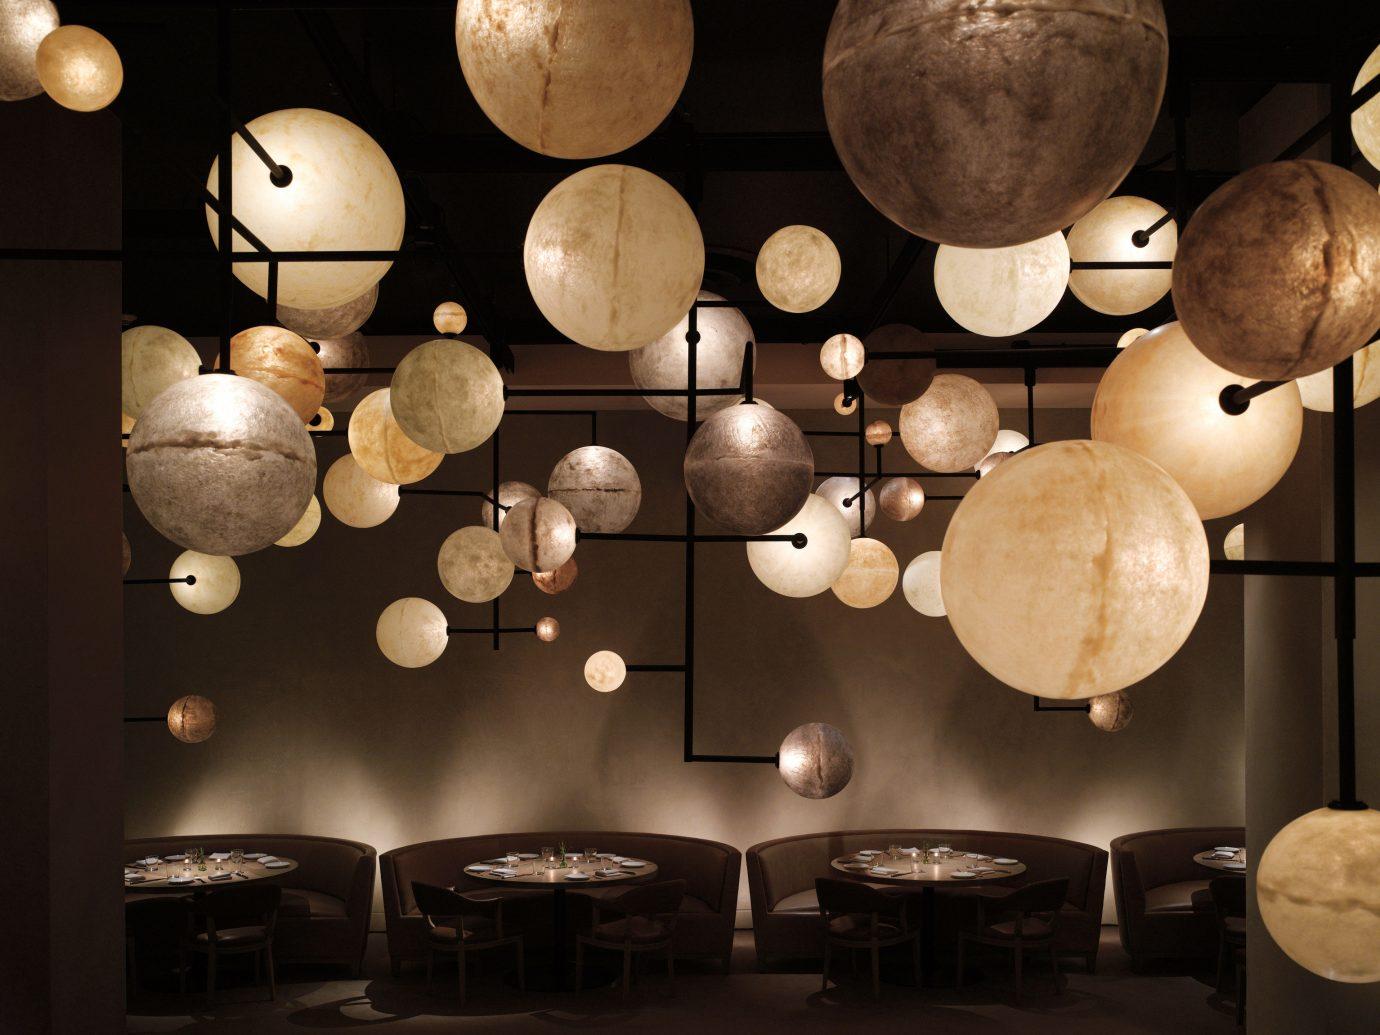 Food + Drink indoor lighting interior design Design lamp cooking cluttered several